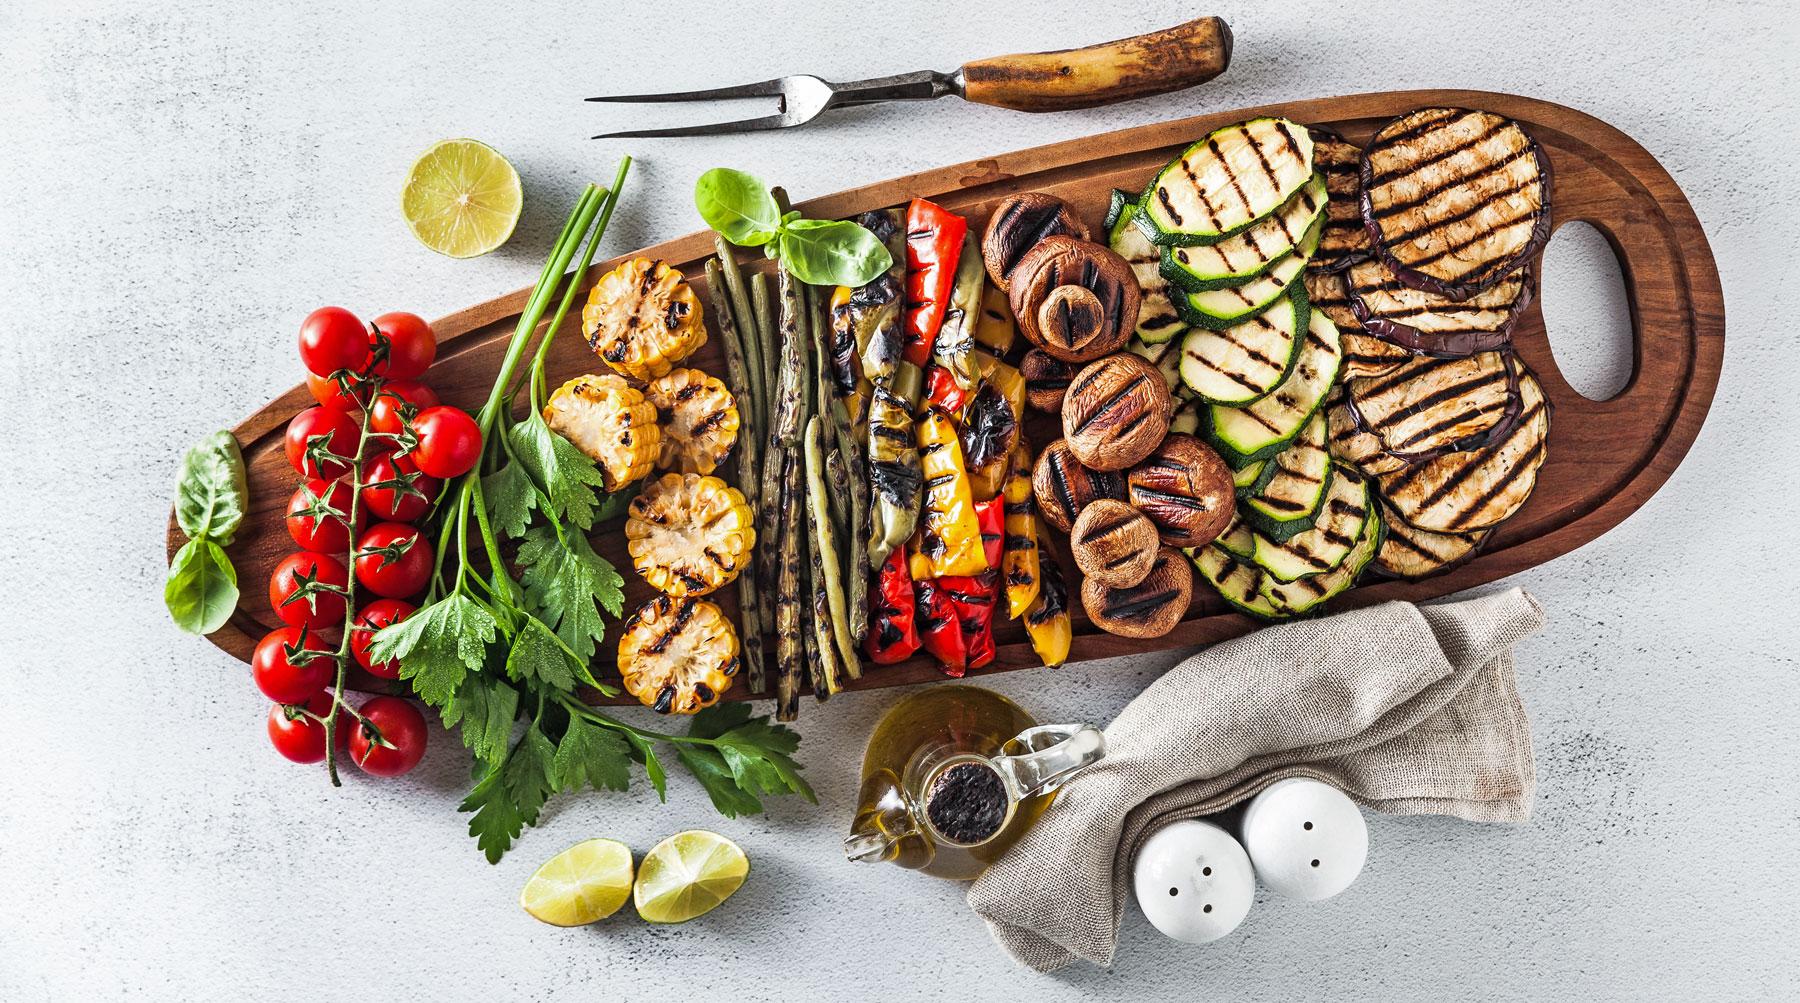 Zlimme keuze: gegrilde groenten op de barbecue